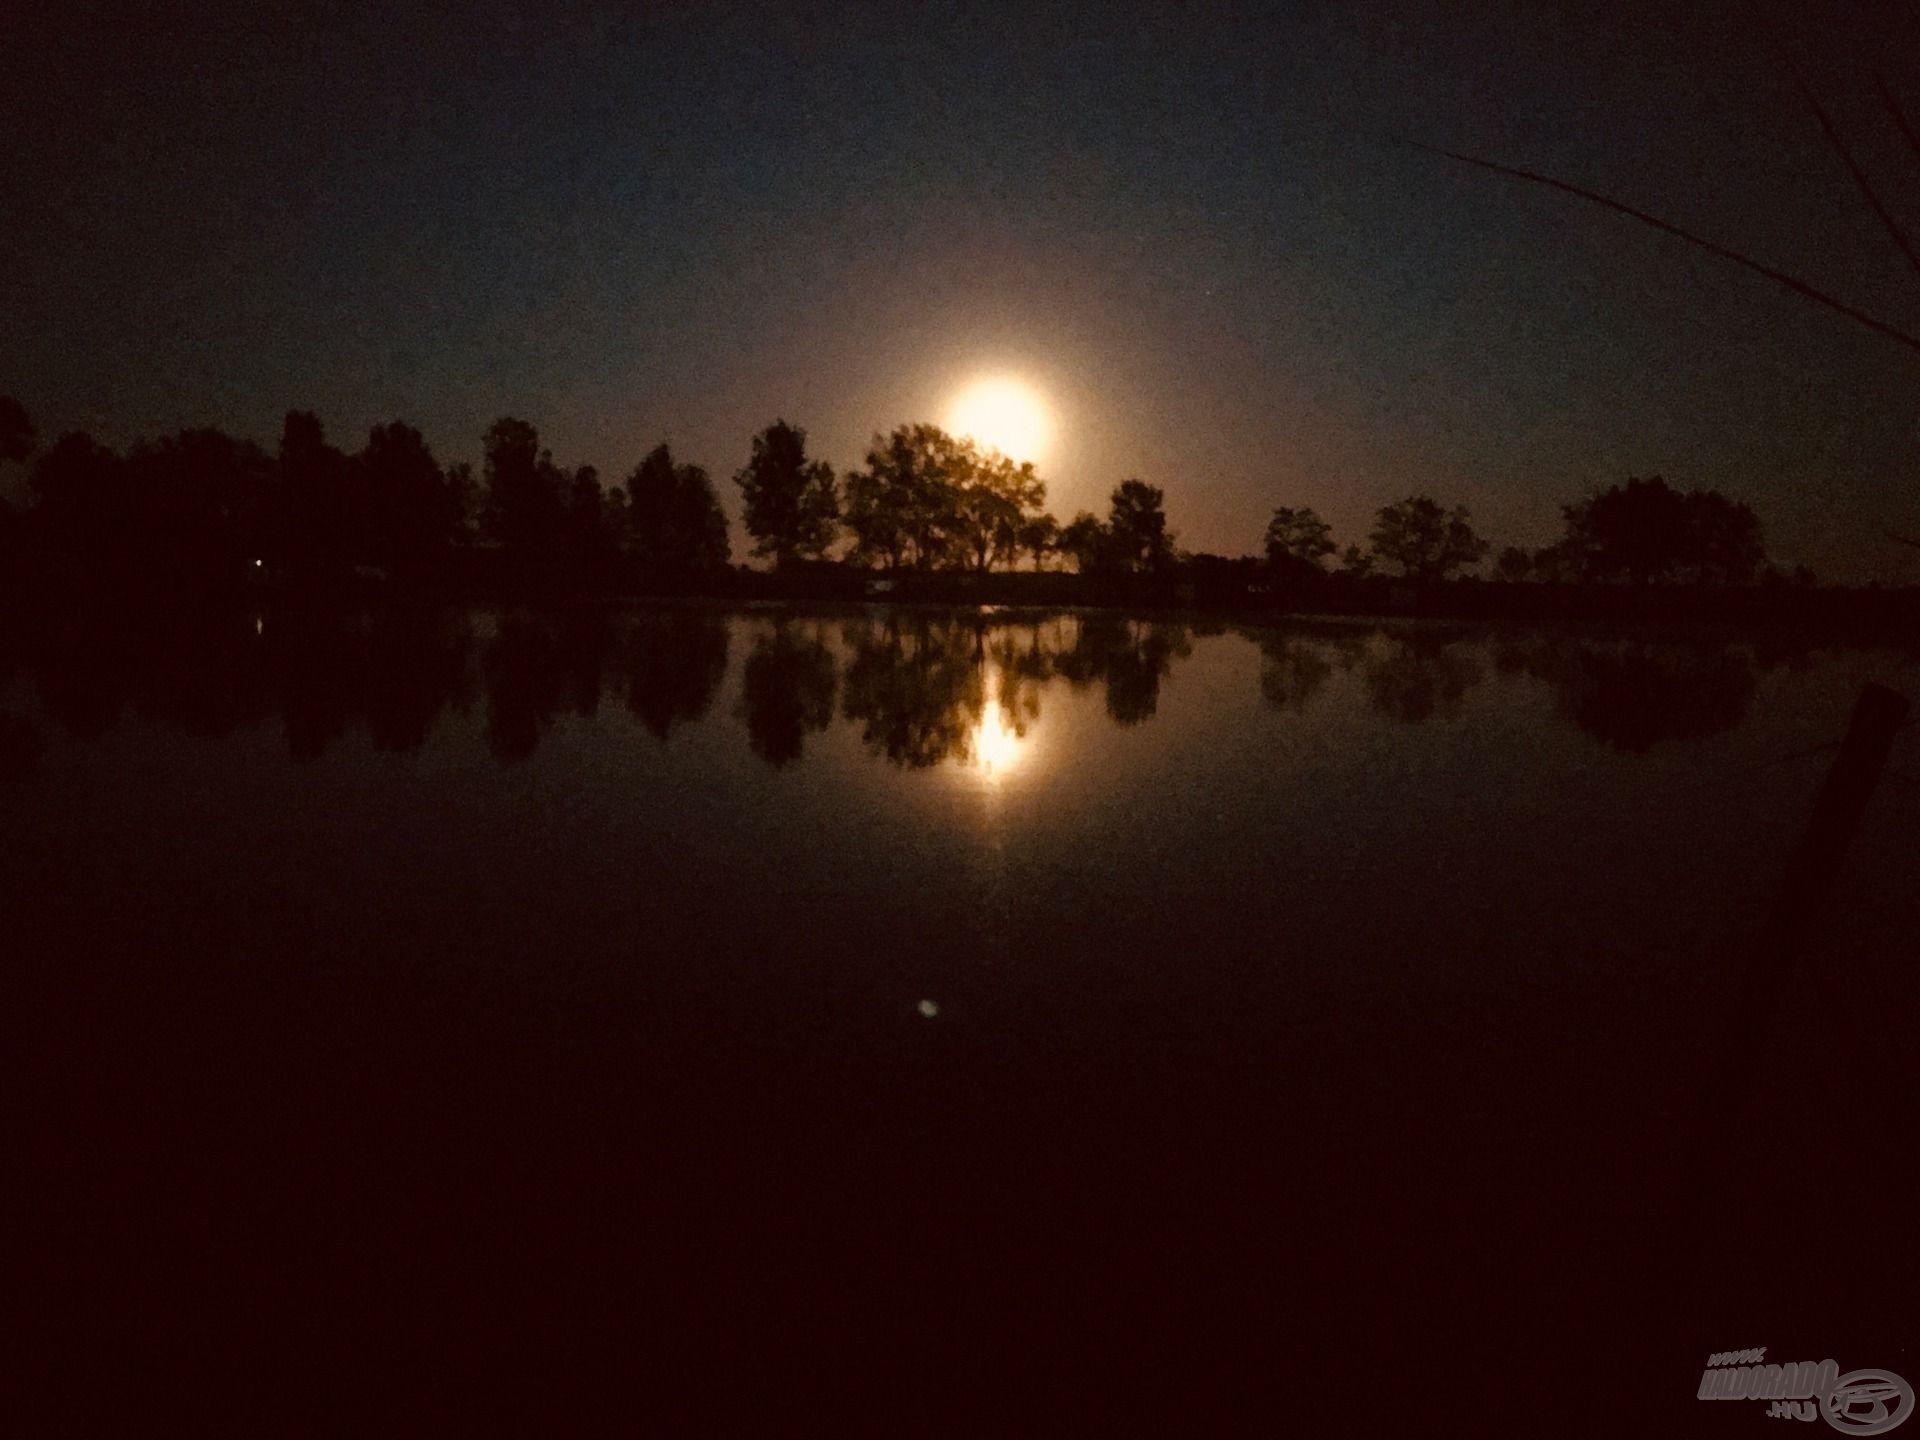 Gyönyörűek voltak a teliholdas éjszakák